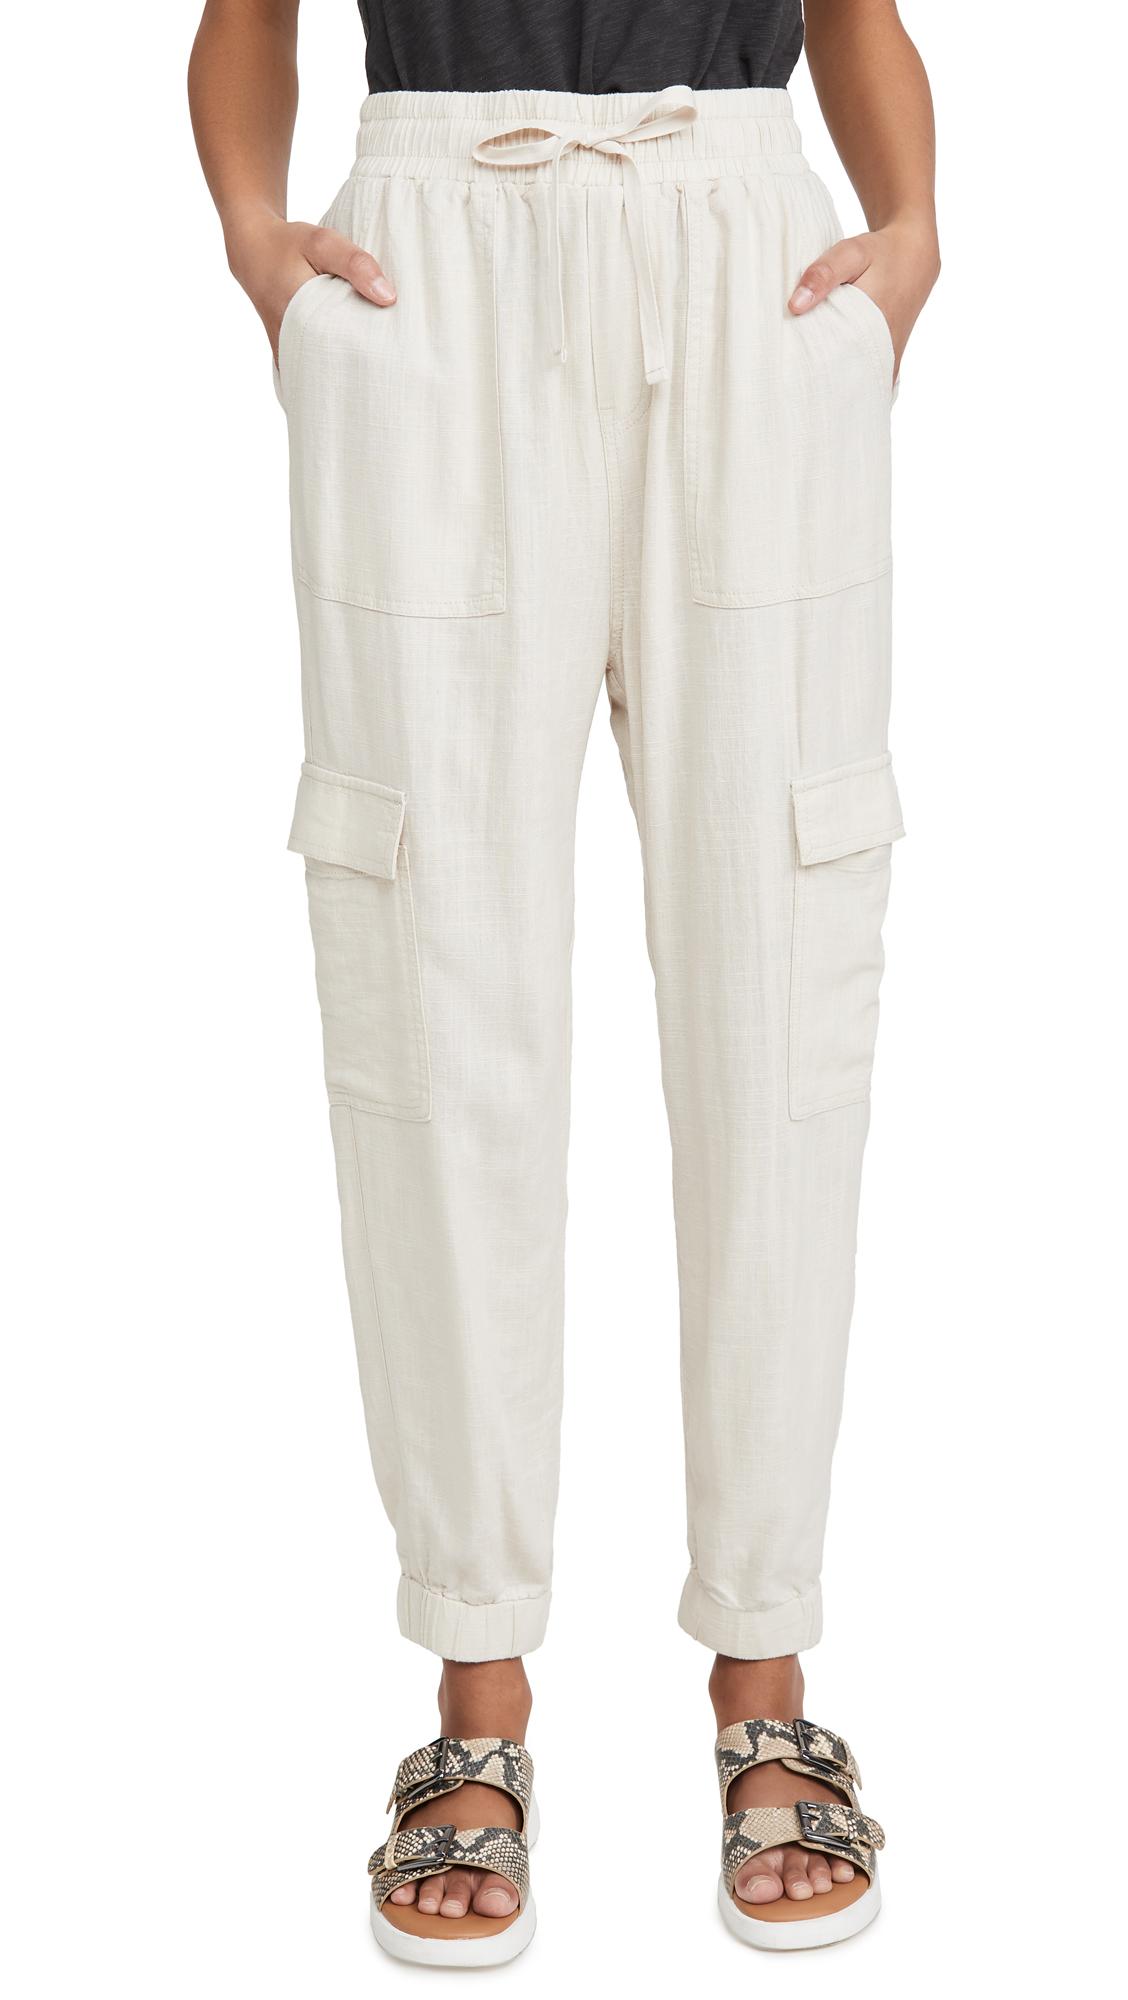 Splendid Bayside Cargo Pants